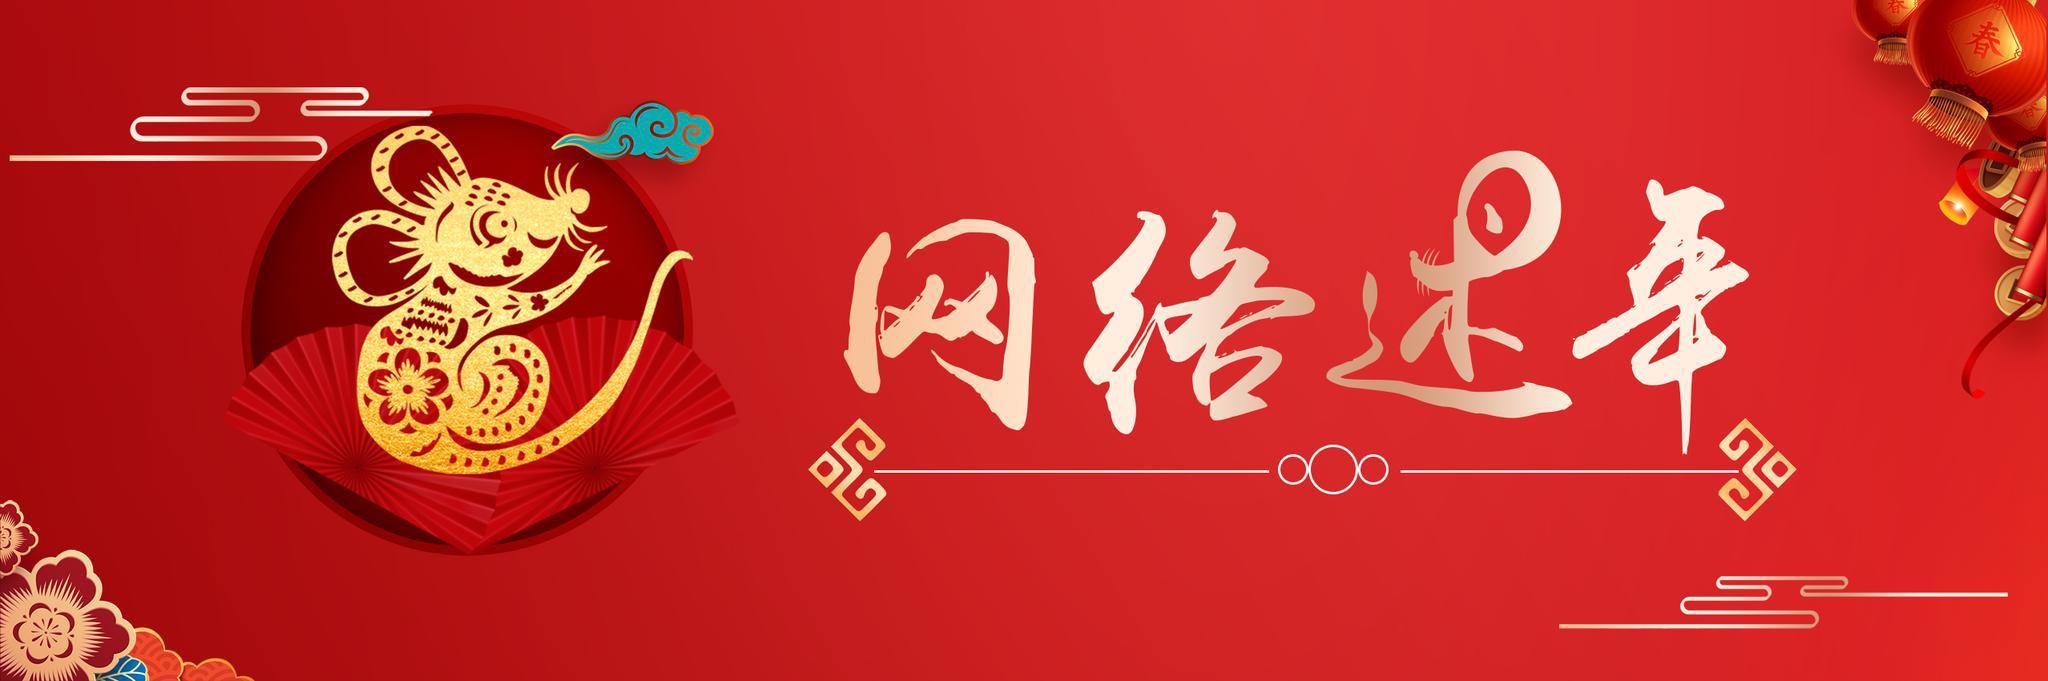 http://www.7loves.org/caijing/1911941.html